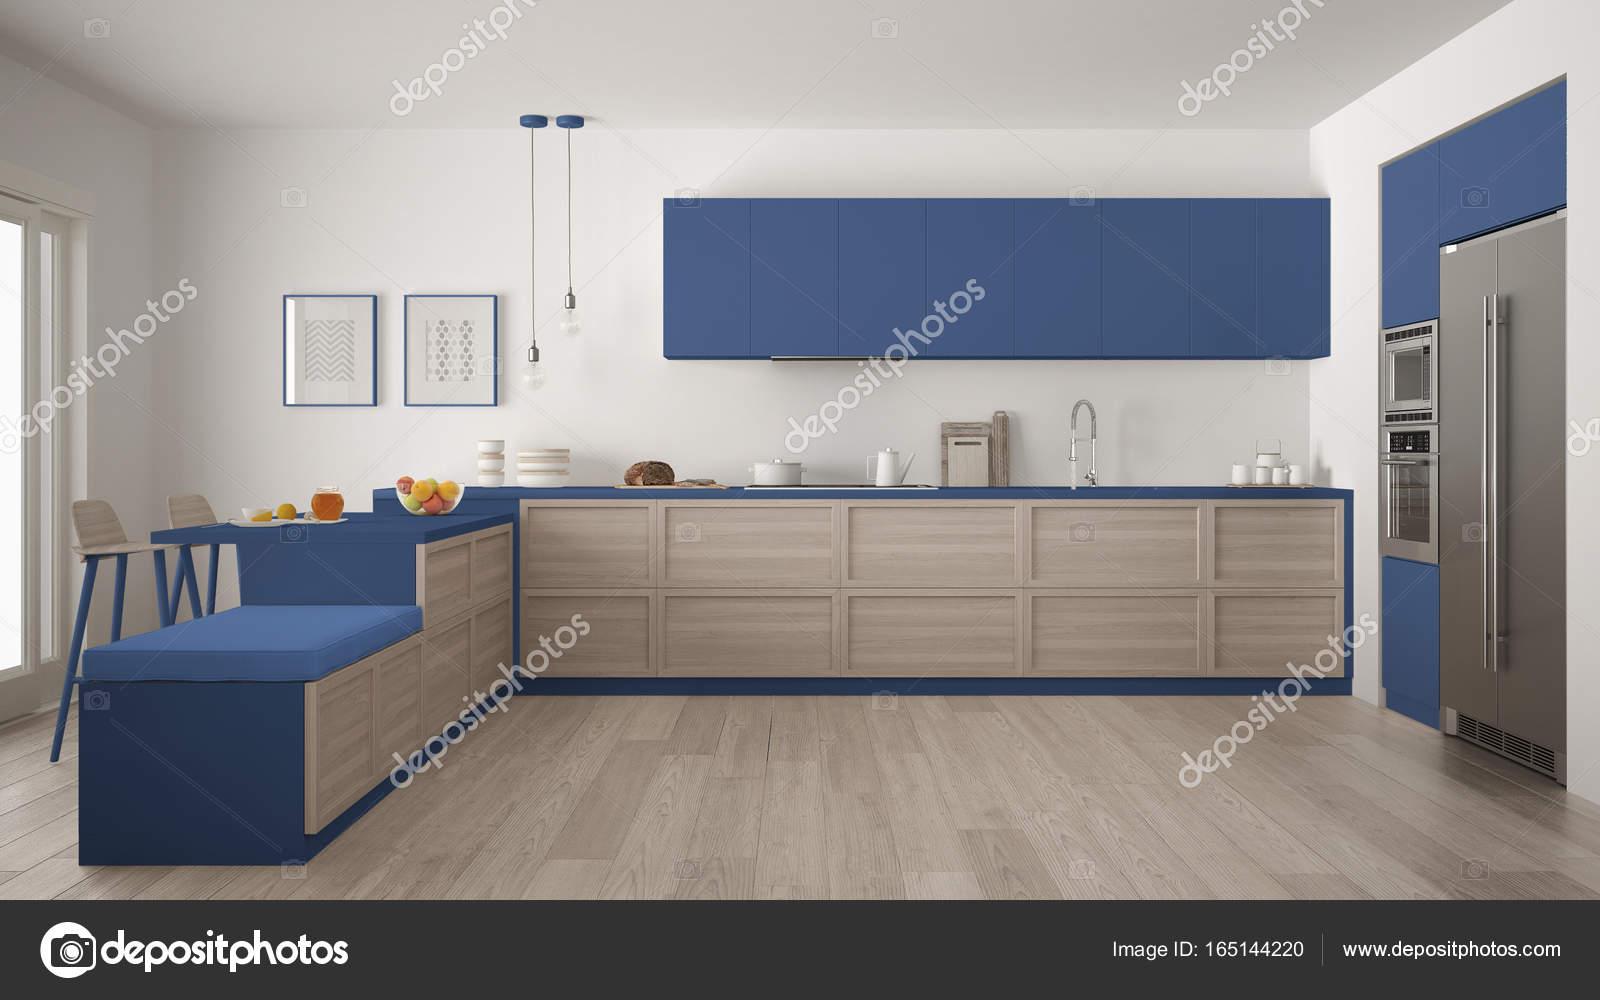 Cozinha Moderna Cl Ssica Com Detalhes Em Madeira E Piso Em Parquet